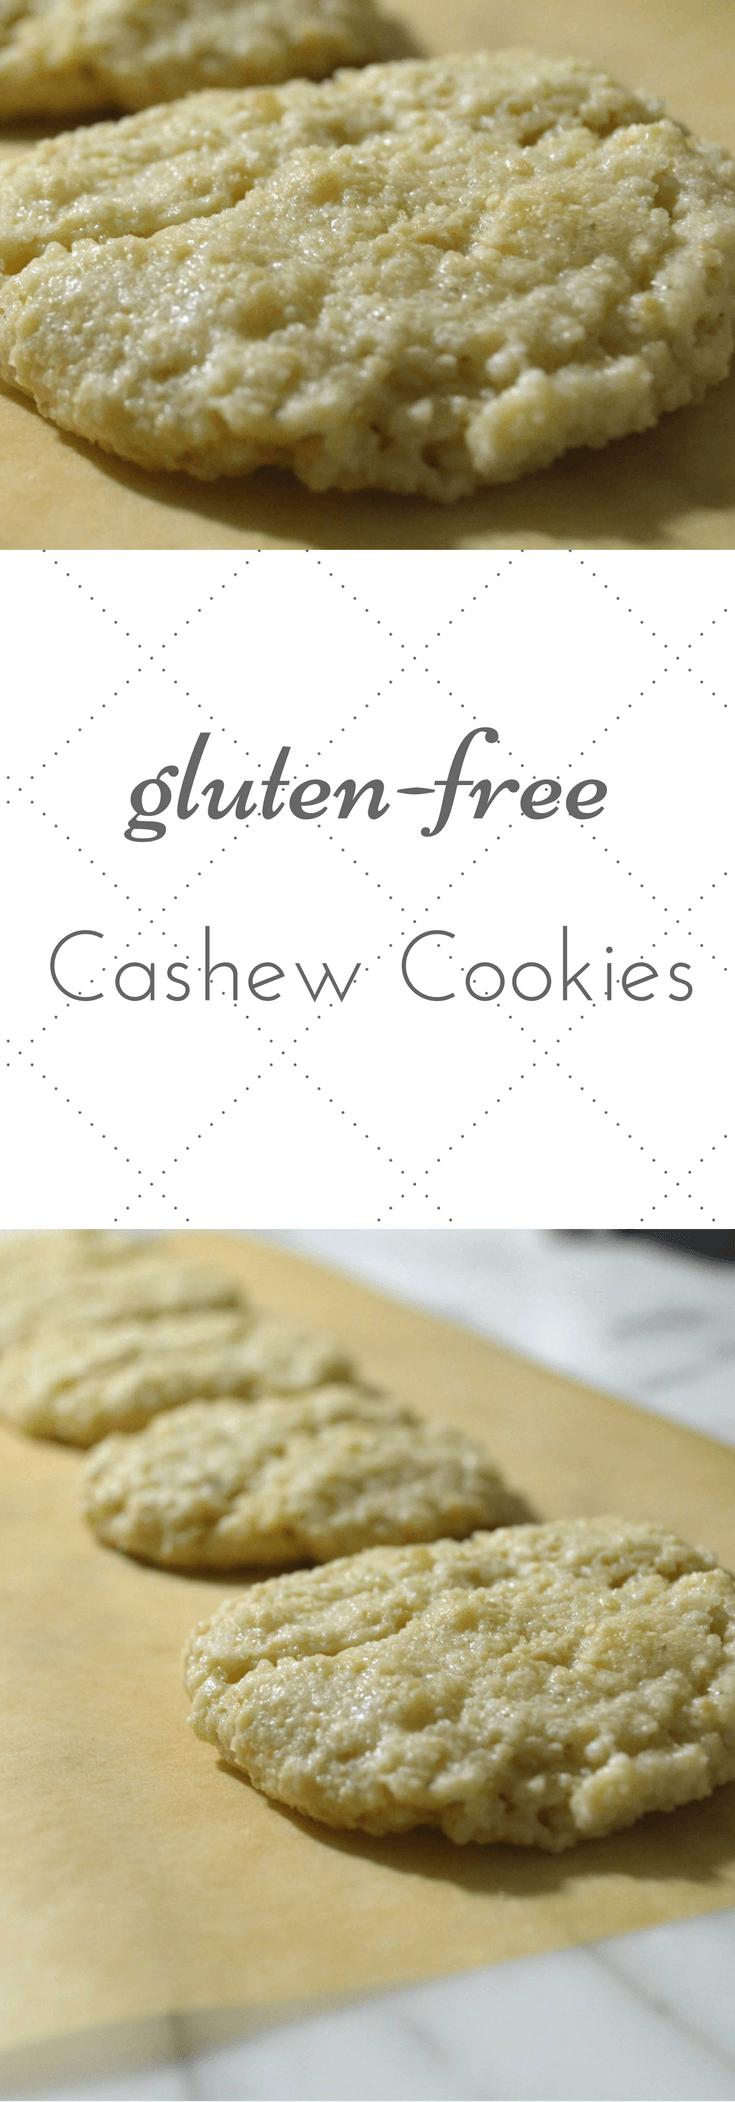 gluten-free cashew cookies long